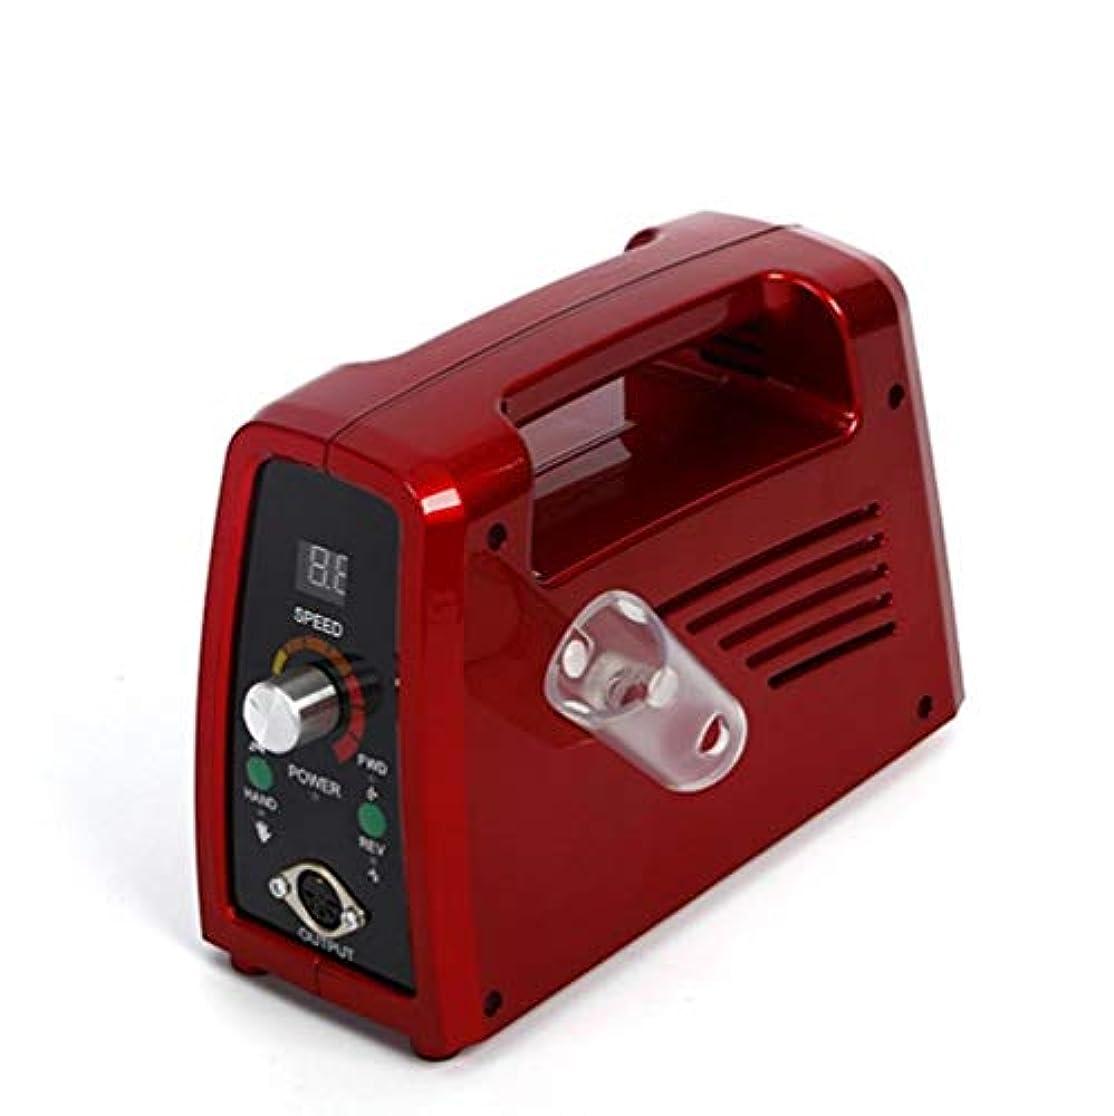 台無しに歩き回るスポンジ電気35000 rpmネイルドリルプロフェッショナルネイルファイル用アクリルネイル彫刻マニキュアペディキュアマシンニスネイルポリッシャードリルビット液晶ディスプレイ